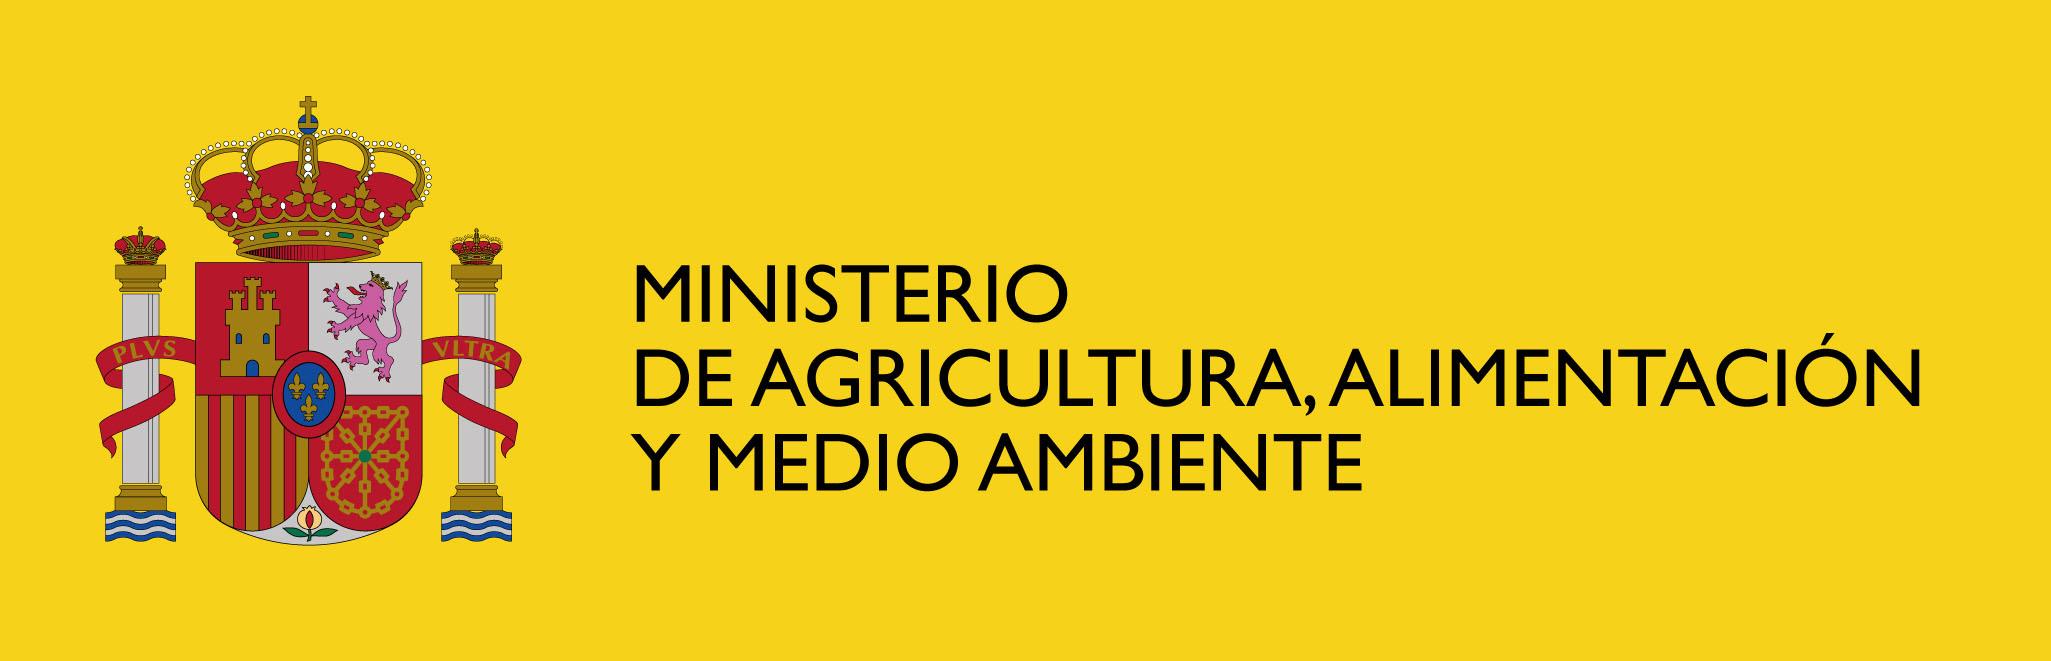 El Ministerio de Agricultura Alimentación y Medio Ambiente